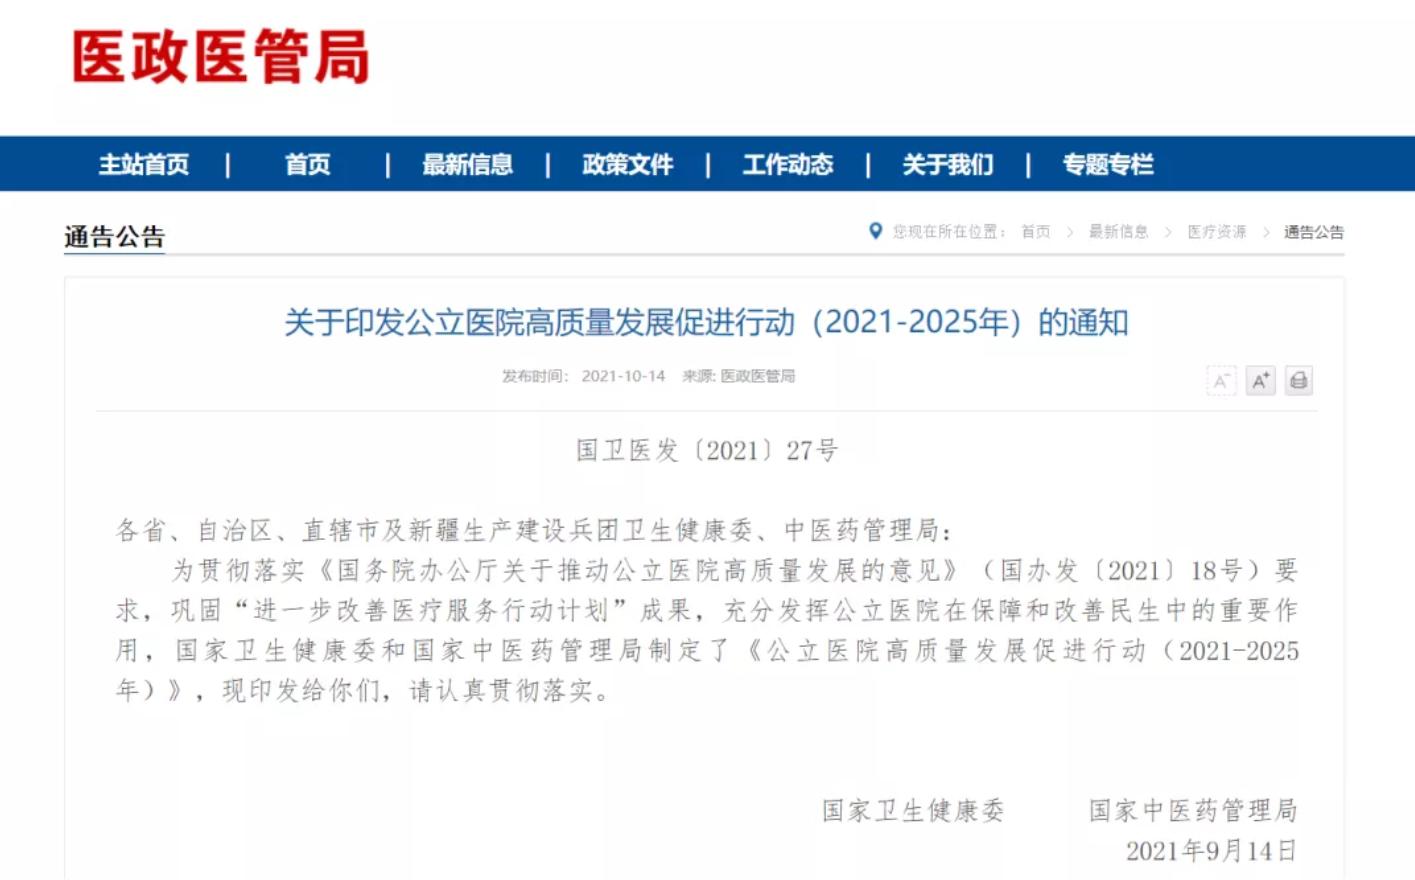 卫健委联合中医药管理局共同发布:公立医院高质量发展促进行动